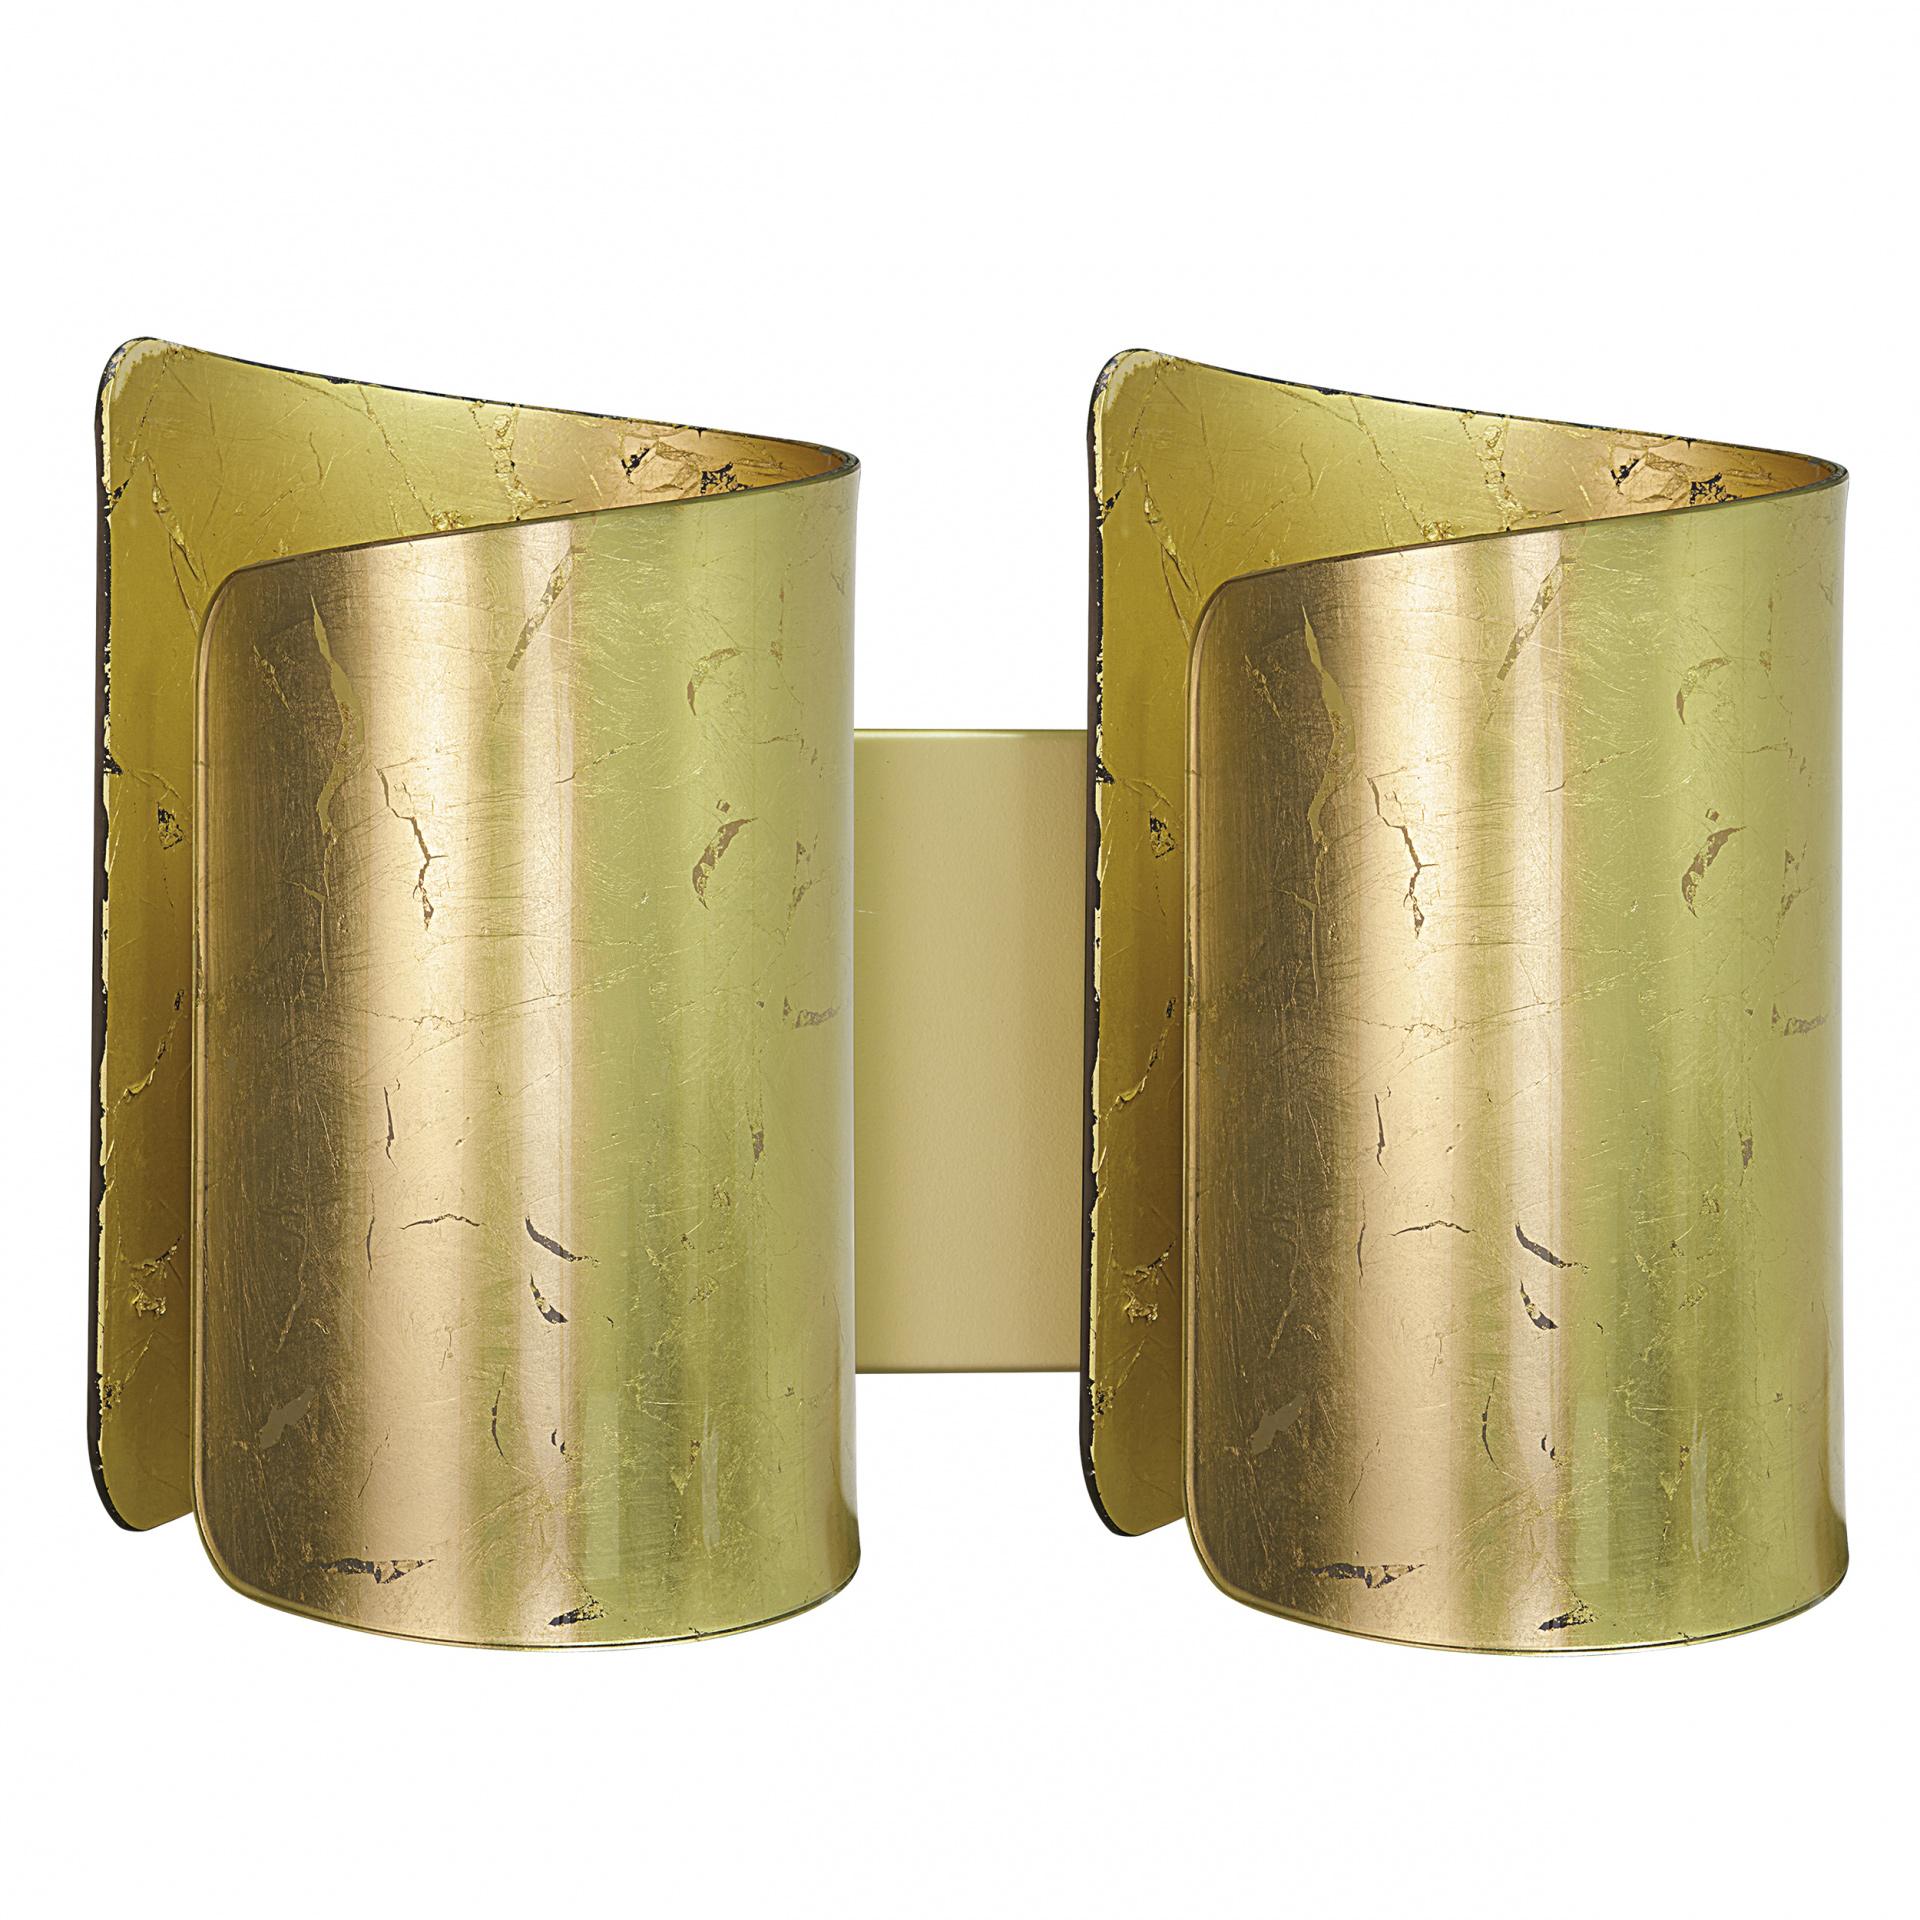 Бра Pittore 2х40W E27 golden Lightstar 811622, купить в СПб, Москве, с доставкой, Санкт-Петербург, интернет-магазин люстр и светильников Starlight, фото в жизни